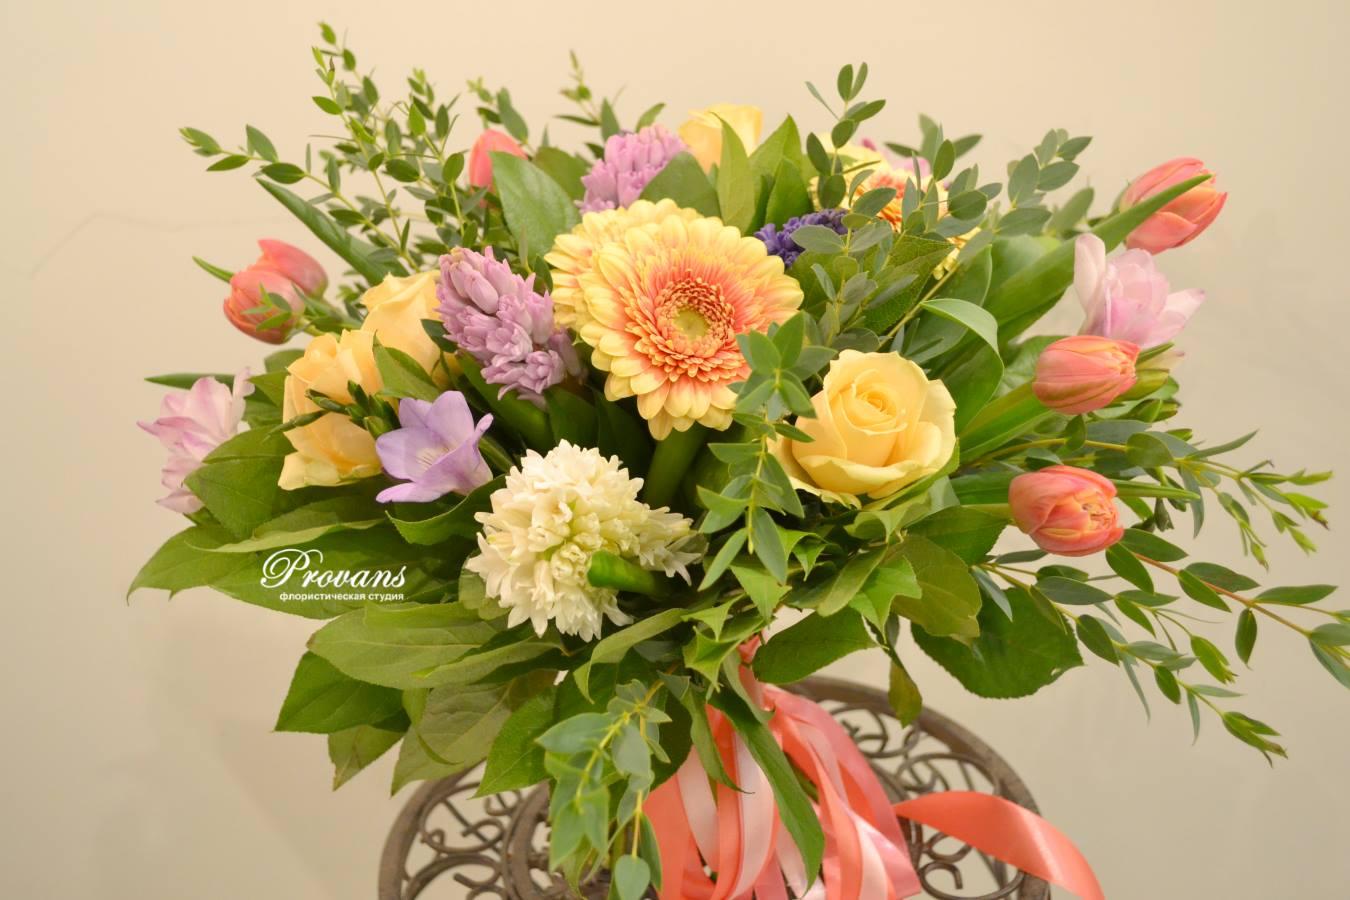 Весенний букет. Гербера, фрезия, розы, тюльпаны, гиацинт